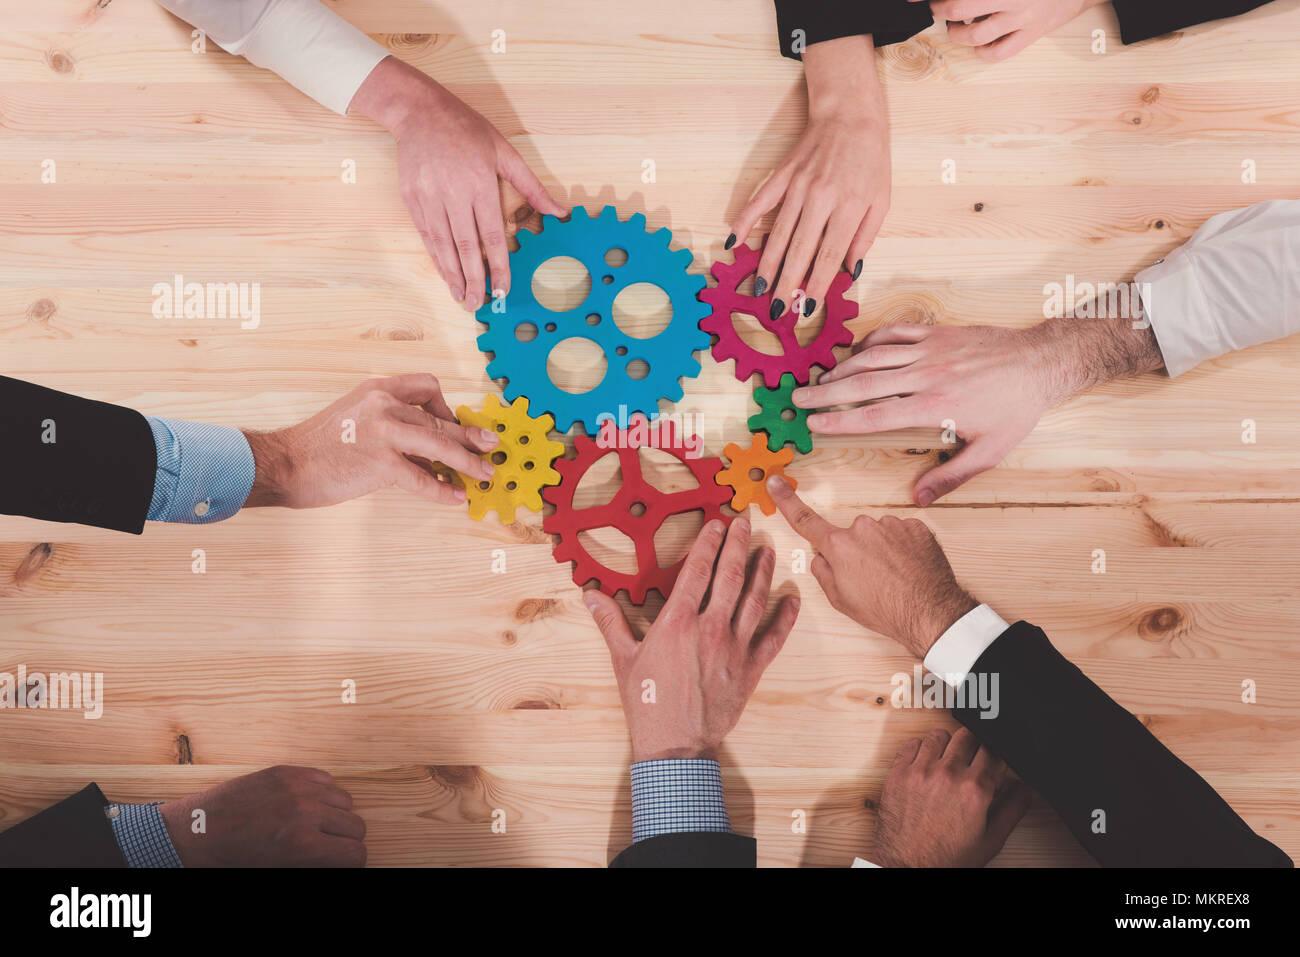 Business Team verbinden Sie Stücke von Zahnrädern. Teamarbeit, Partnerschaft und Integration Konzept Stockbild